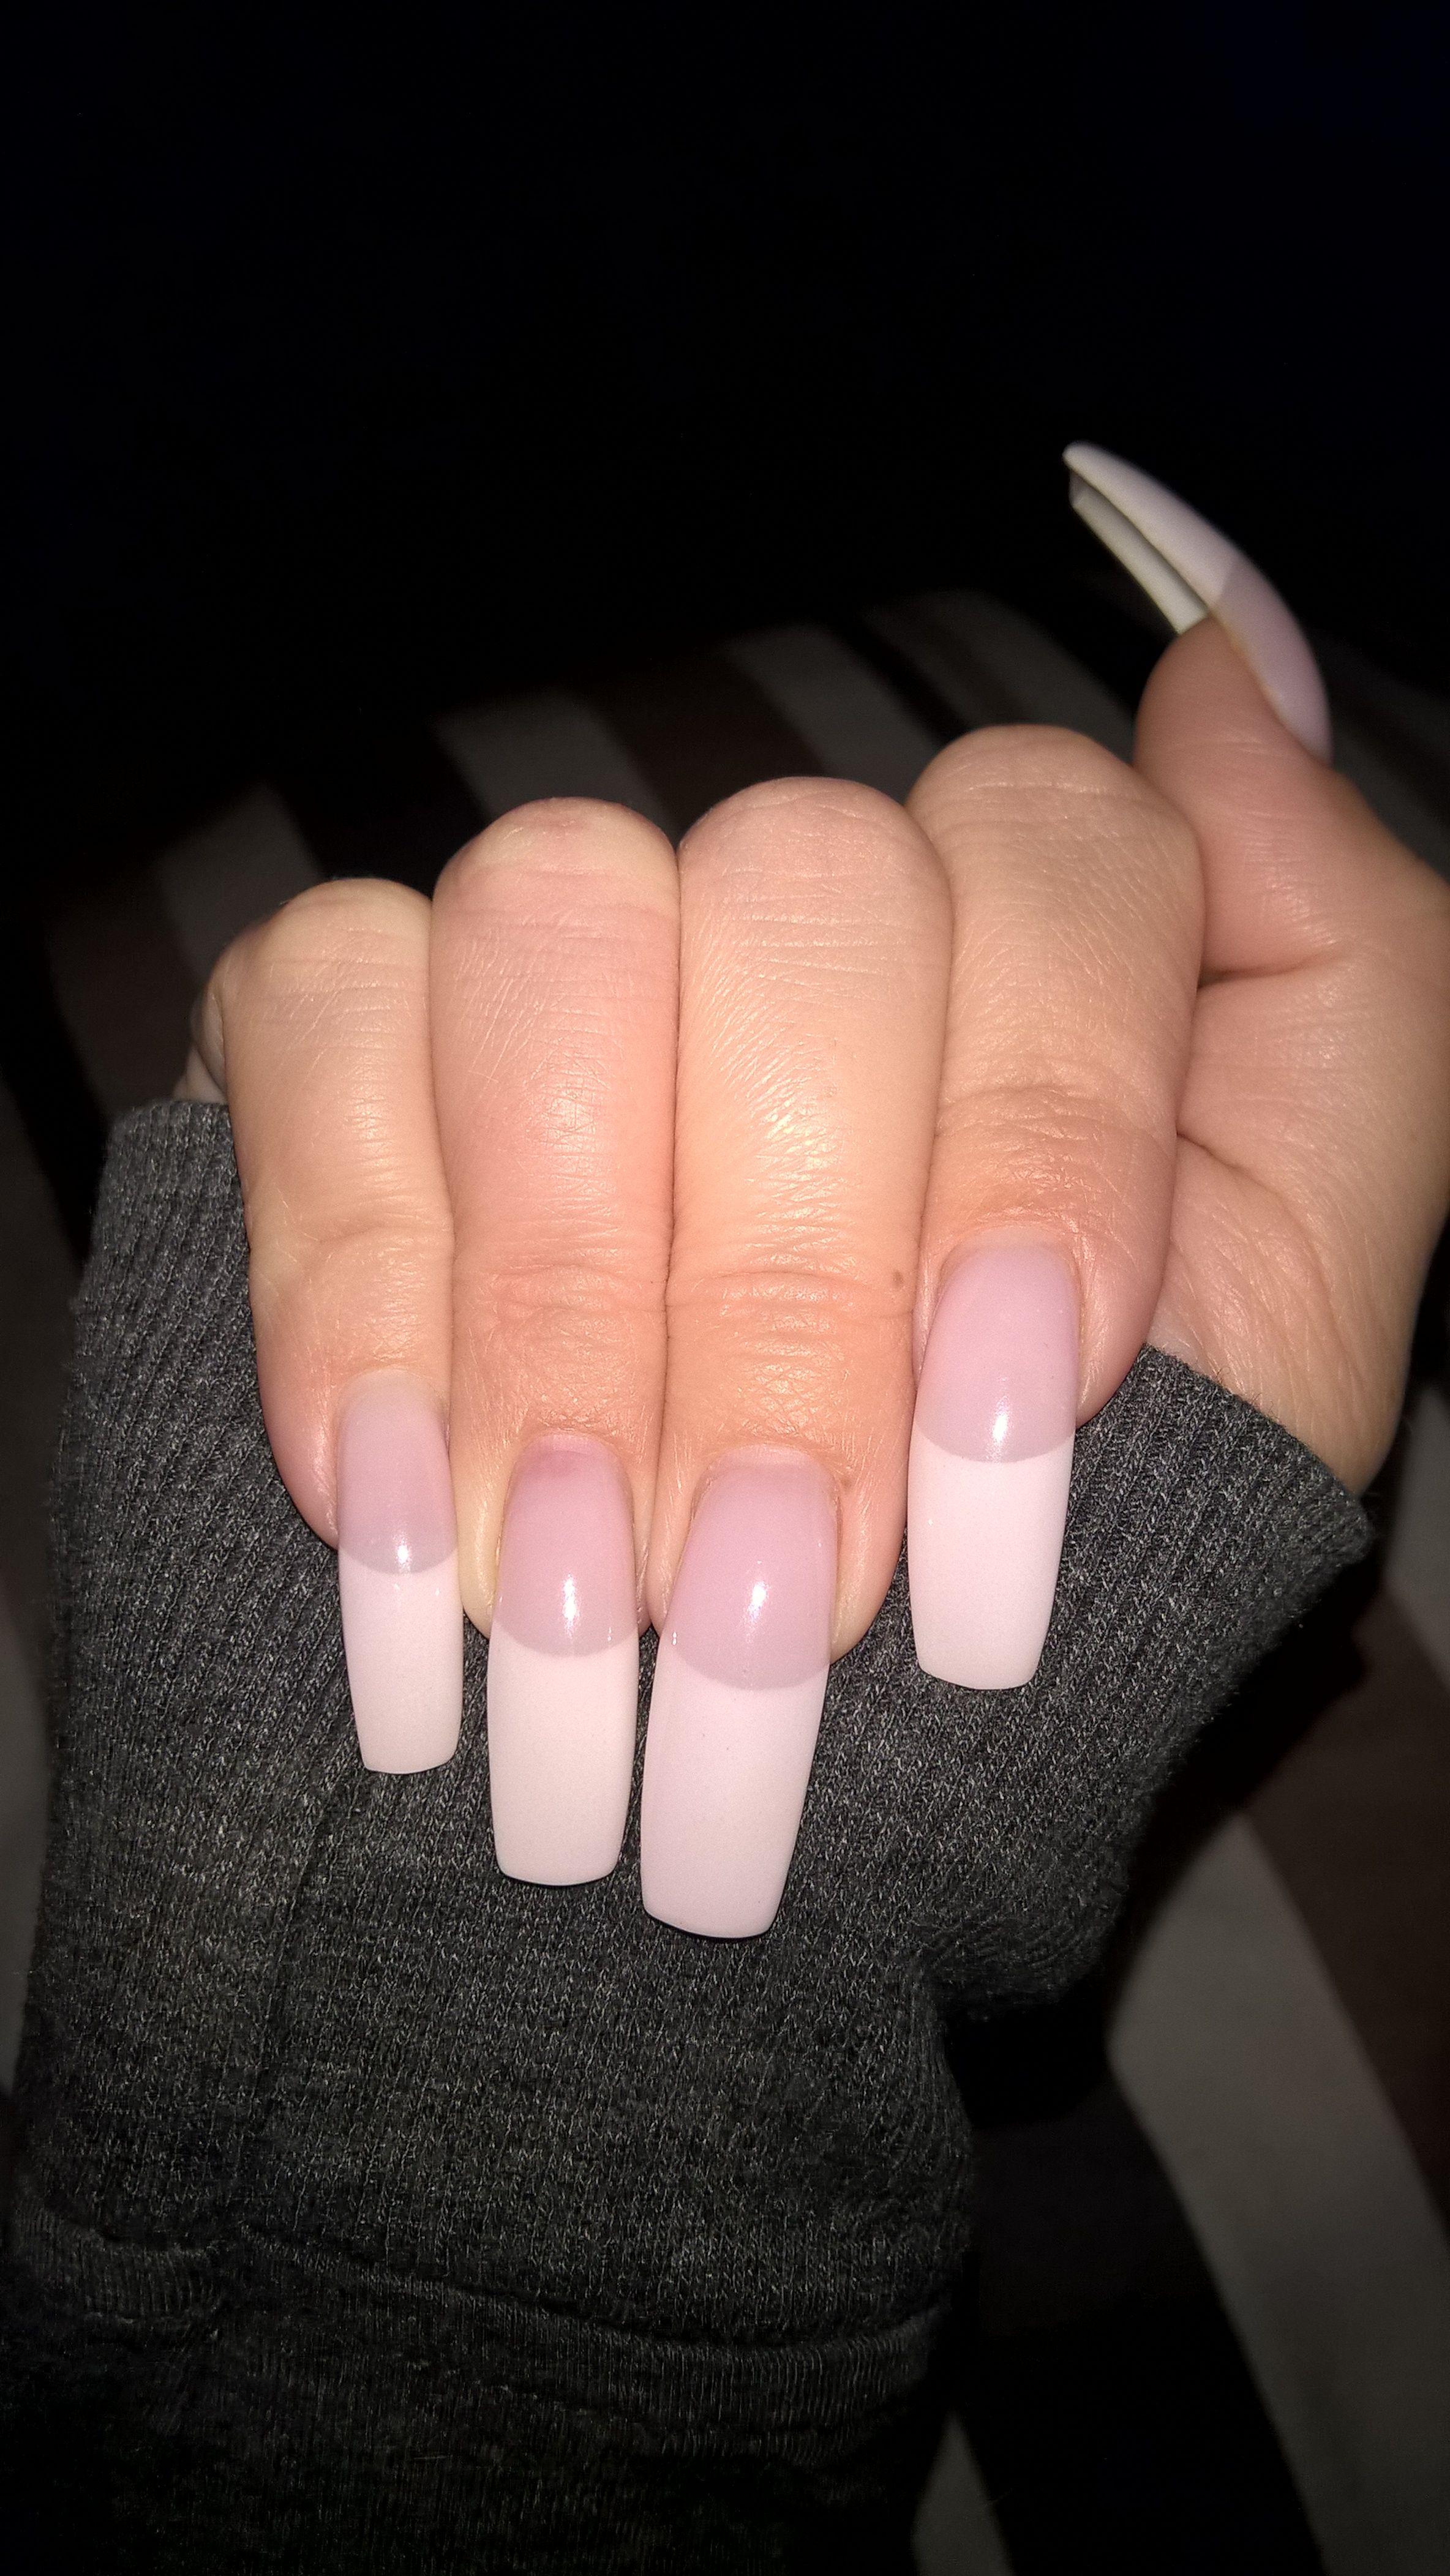 French long nails | Dream nails | Pinterest | Hot nails, Nail nail ...